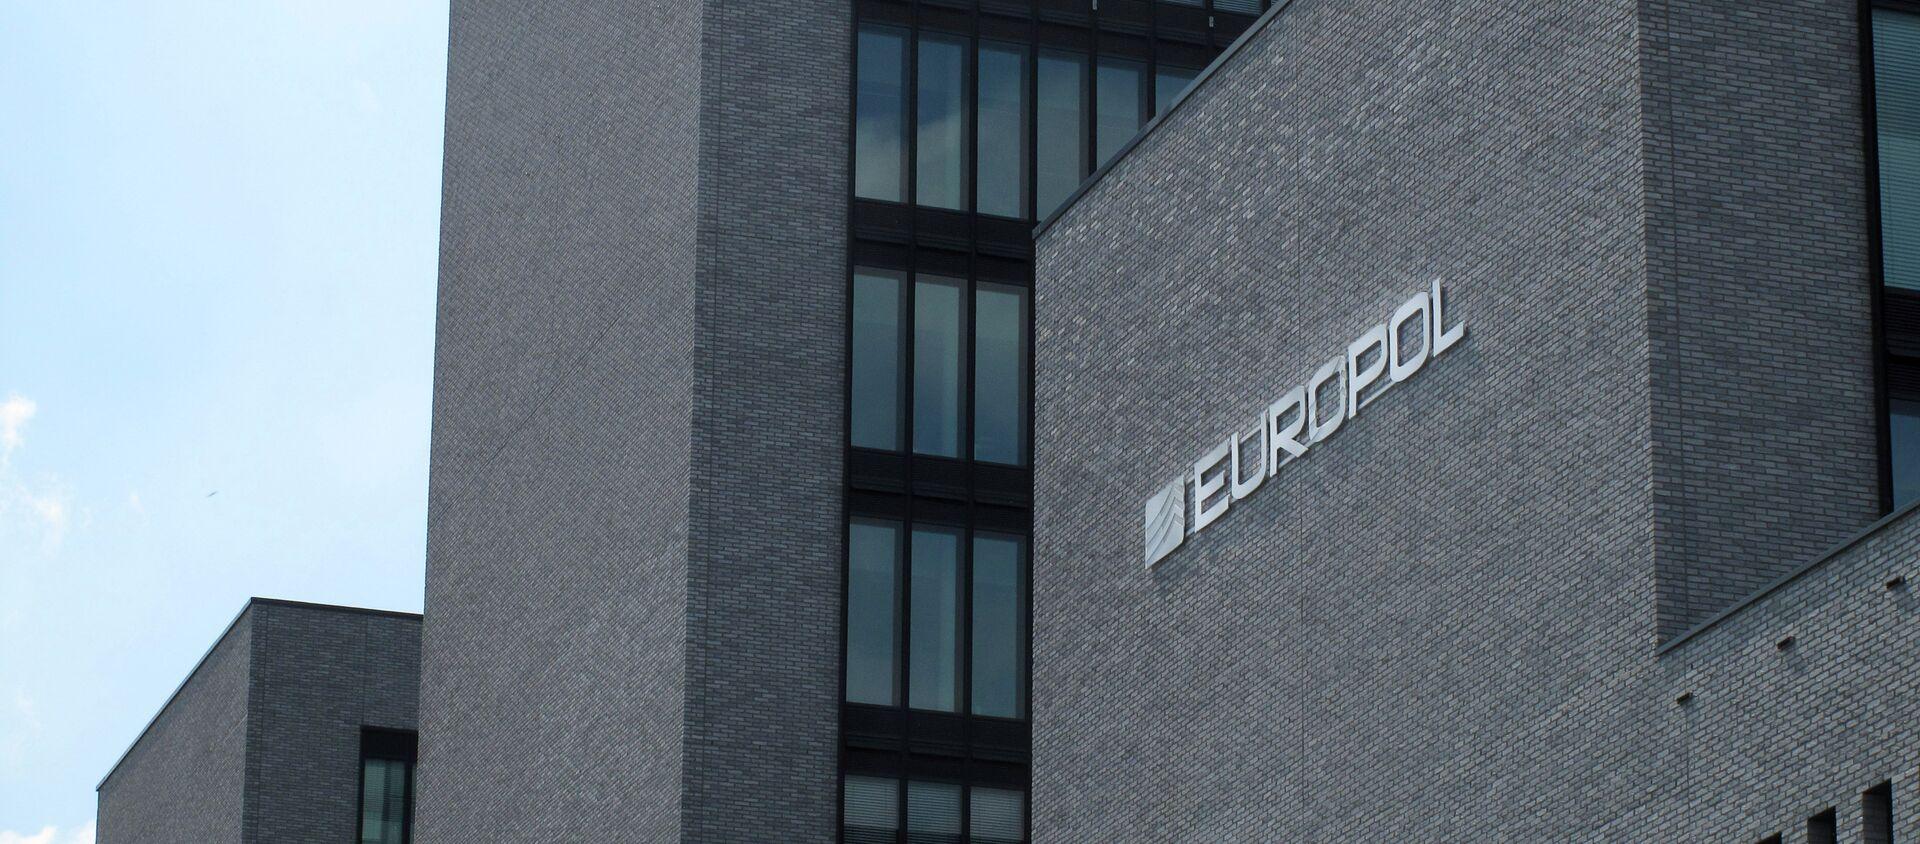 La sede del Europol - Sputnik Italia, 1920, 15.09.2020